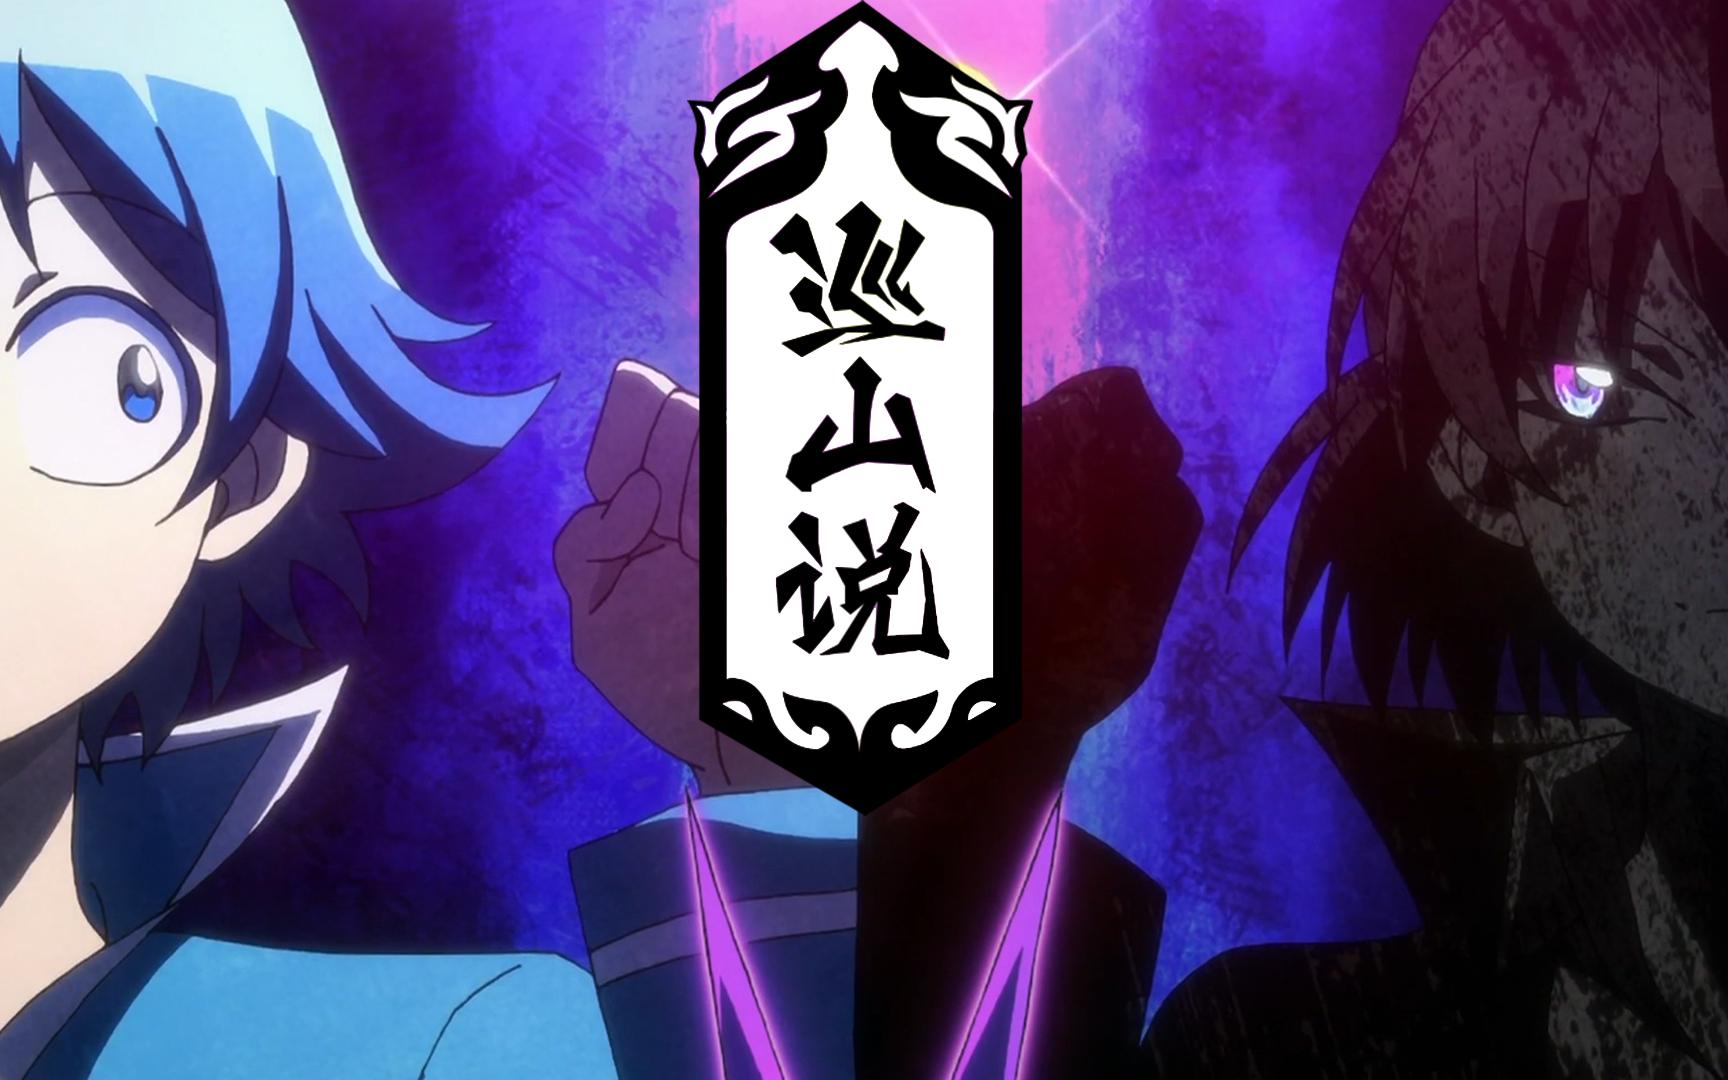 沙雕搞笑新番第二季!男主被卖给恶魔当孙子,竟然成了魔王!